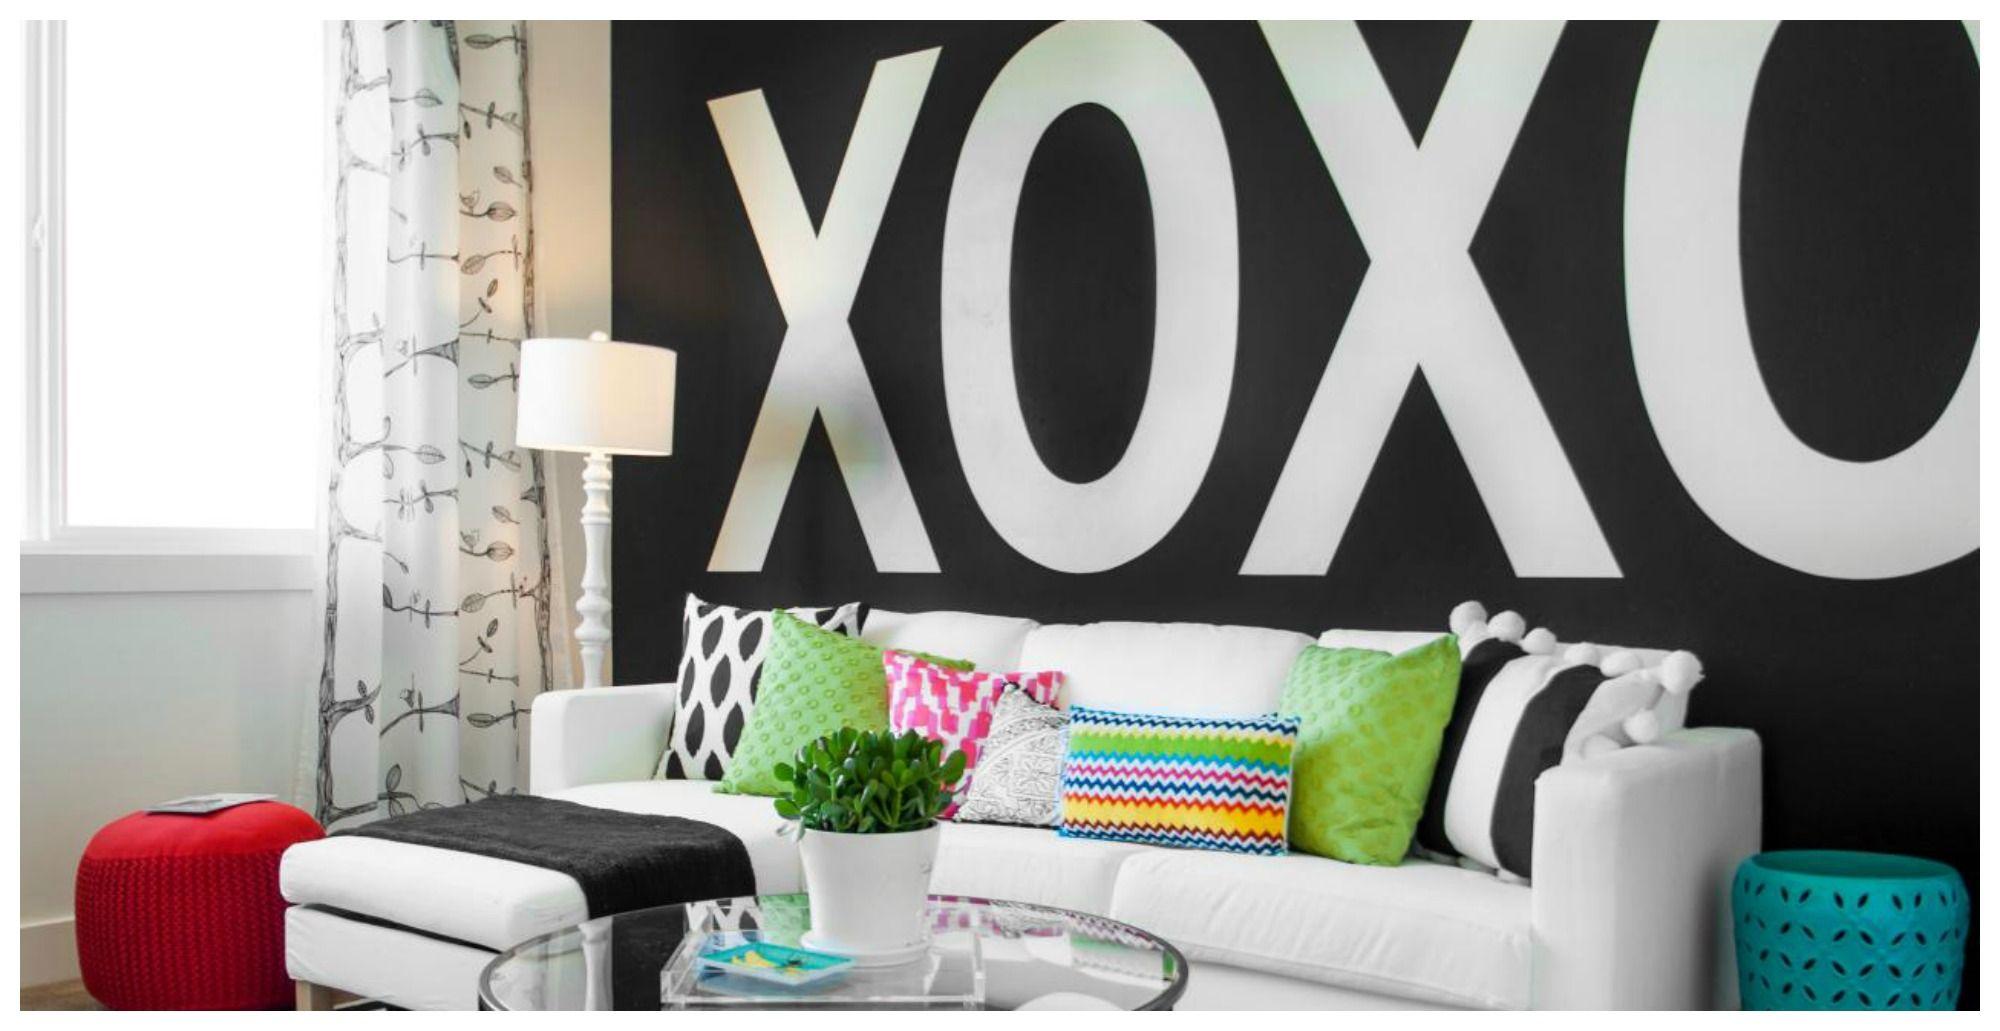 Lettere Da Appendere Al Muro decorare le pareti di casa con il lettering | bigodino